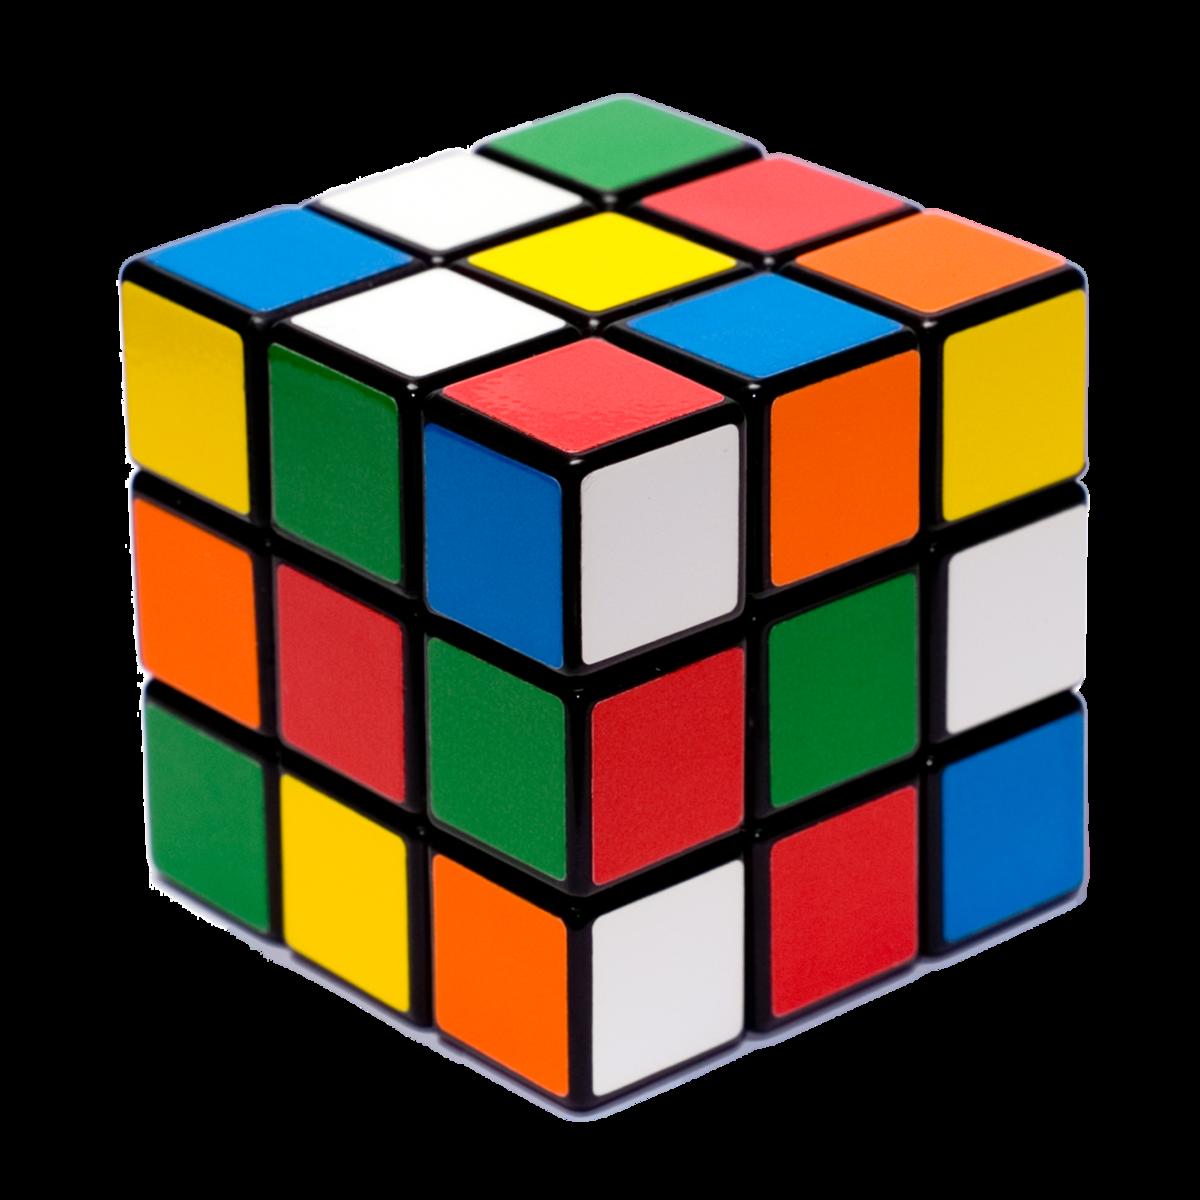 Mennyi, a Rubik kocka  kirakásának rekord ideje 2015 áprilisában?